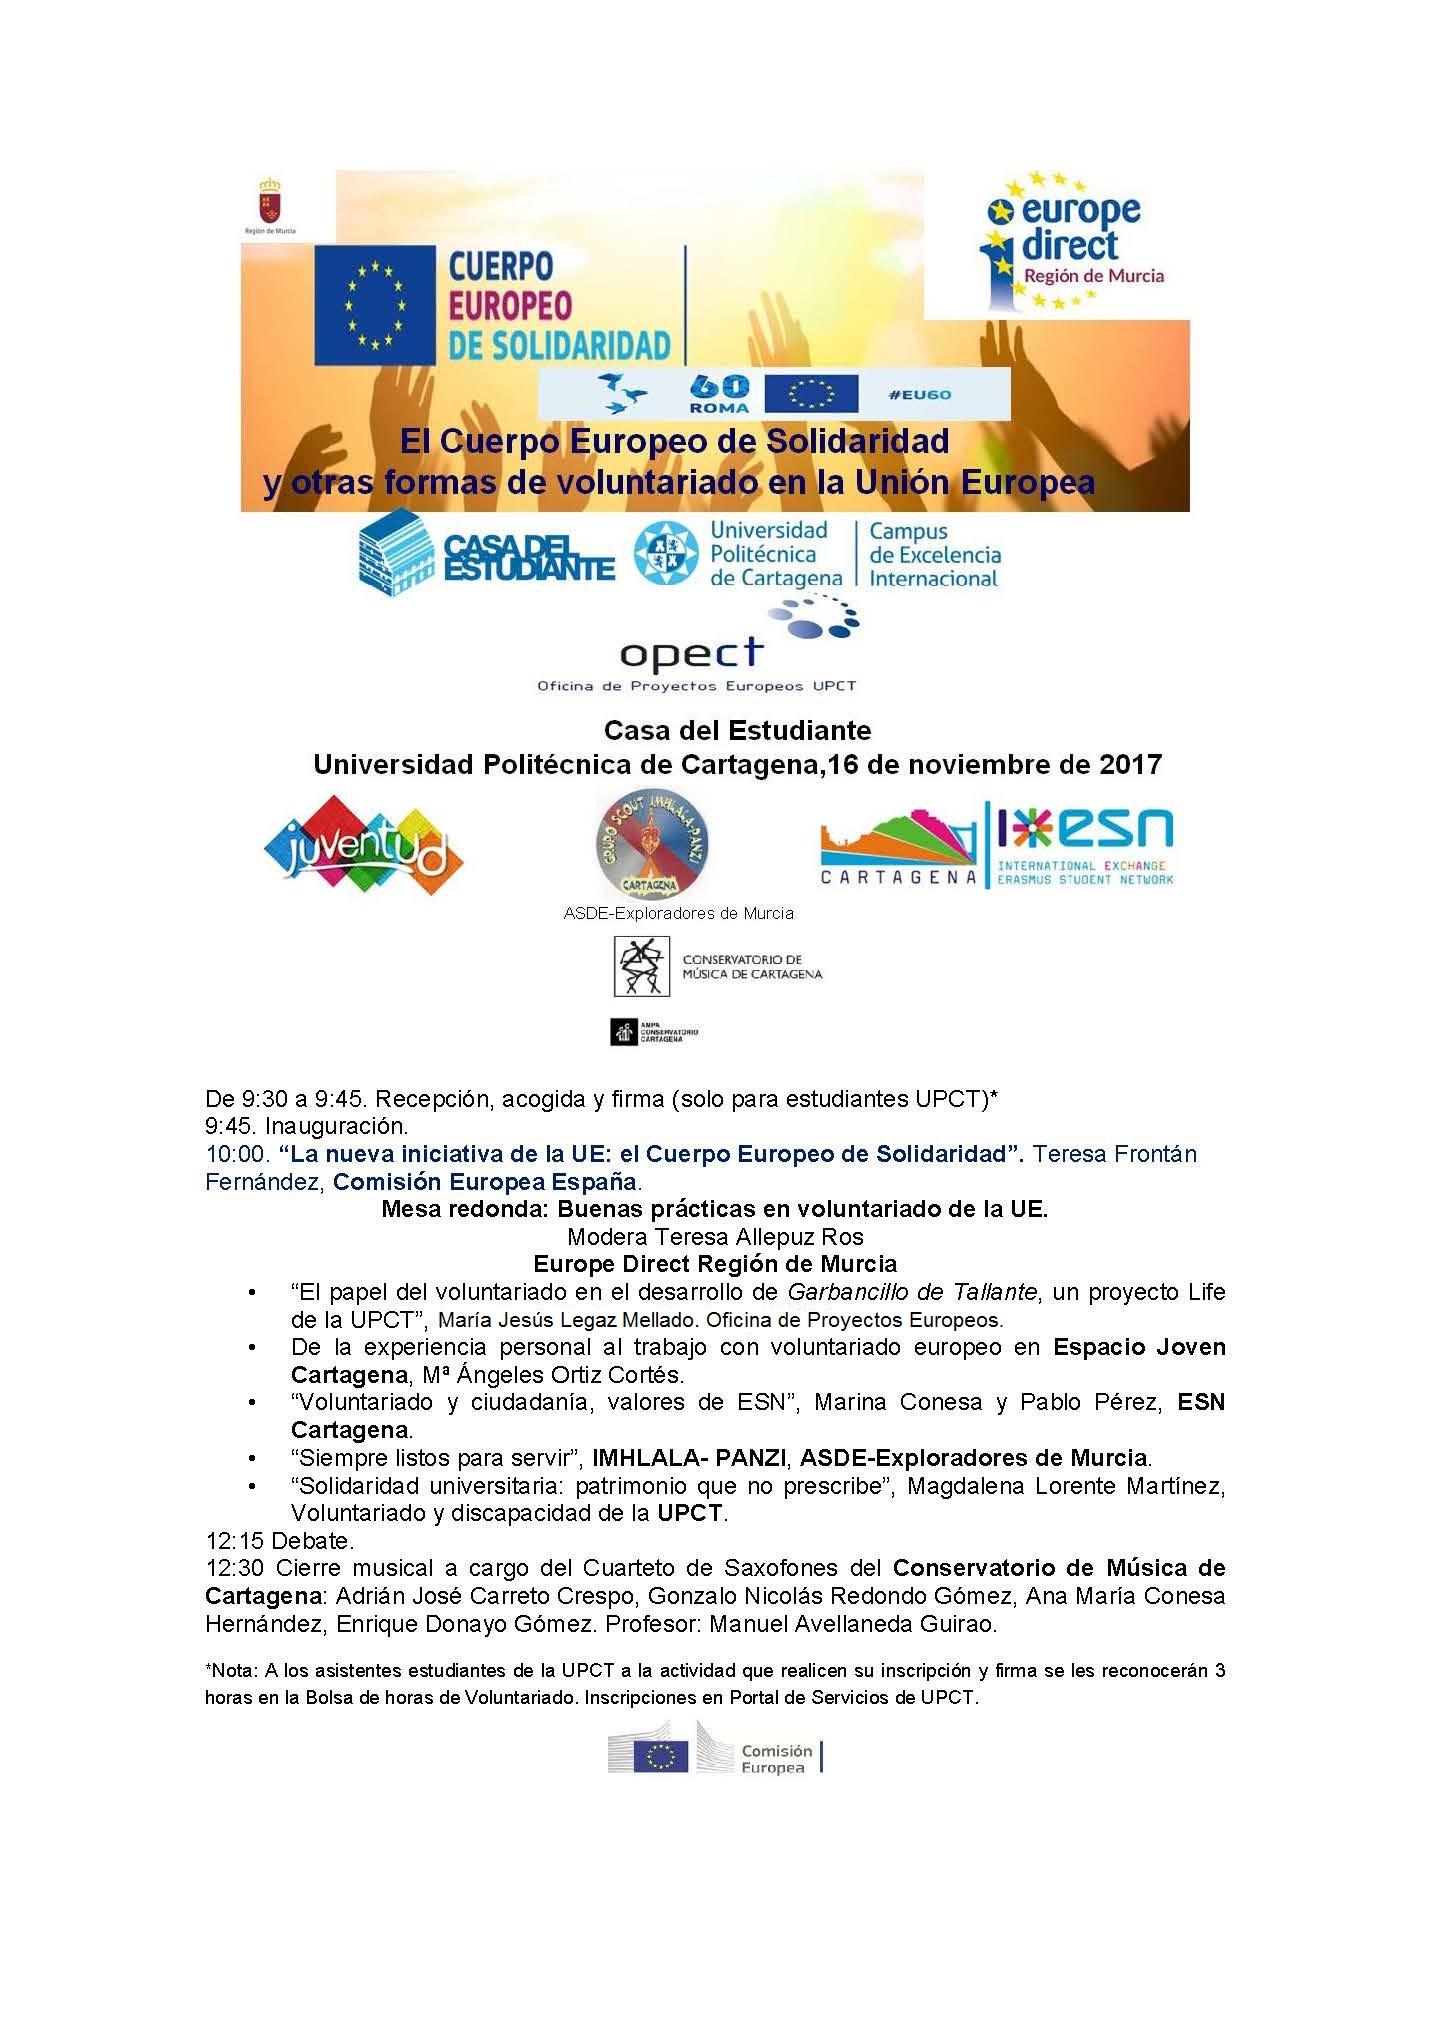 Jornadas El Cuerpo Europeo de solidaridad y otras formas de voluntariado en la UE